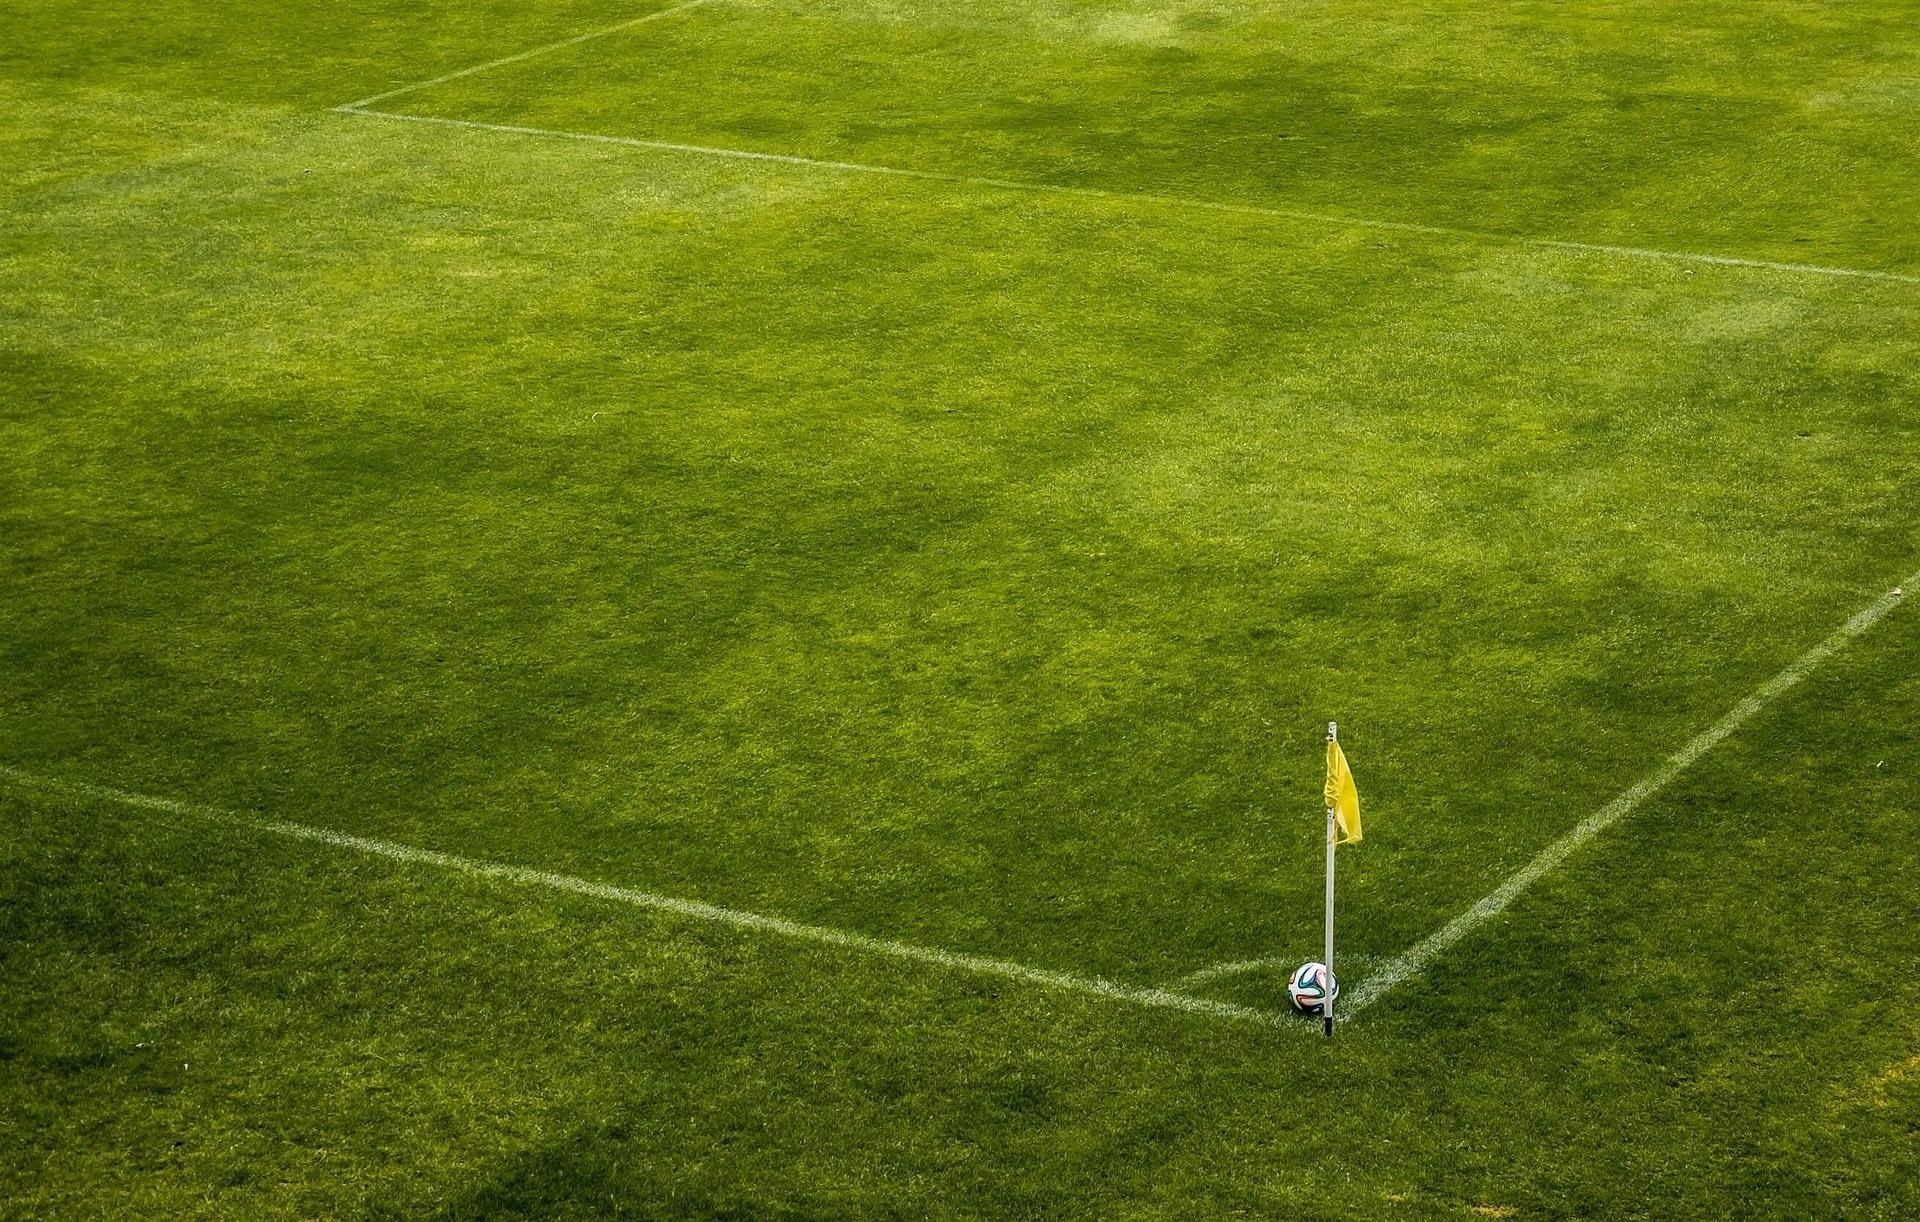 Je emoties gebruiken om beter te presteren met voetbal (of andere sporten)